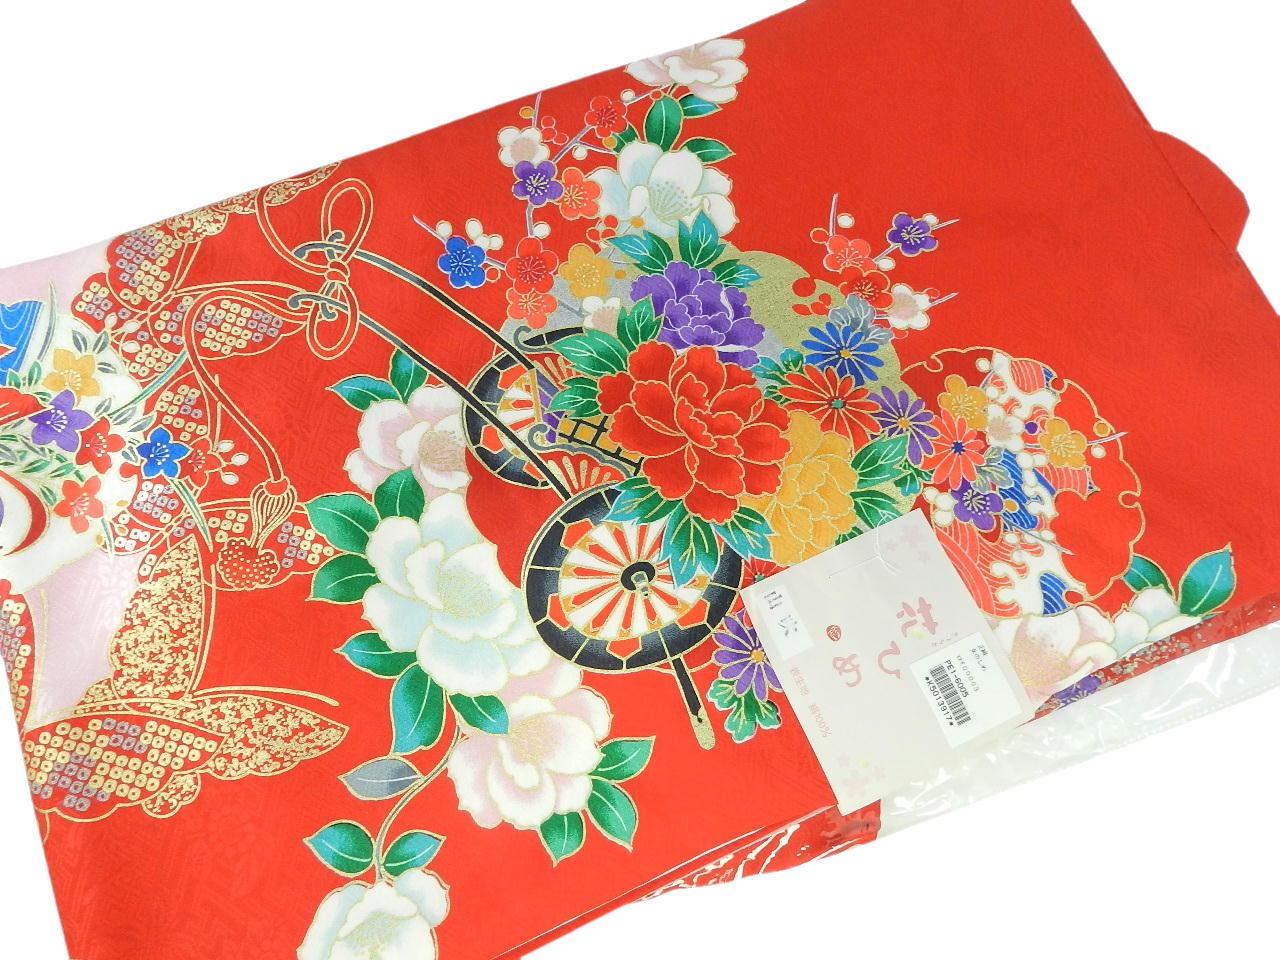 女の子女児正絹 宮参りの着物 襦袢付き祝い着セット価格産着 一つ身 のしめ祝着 着物 正絹  新品